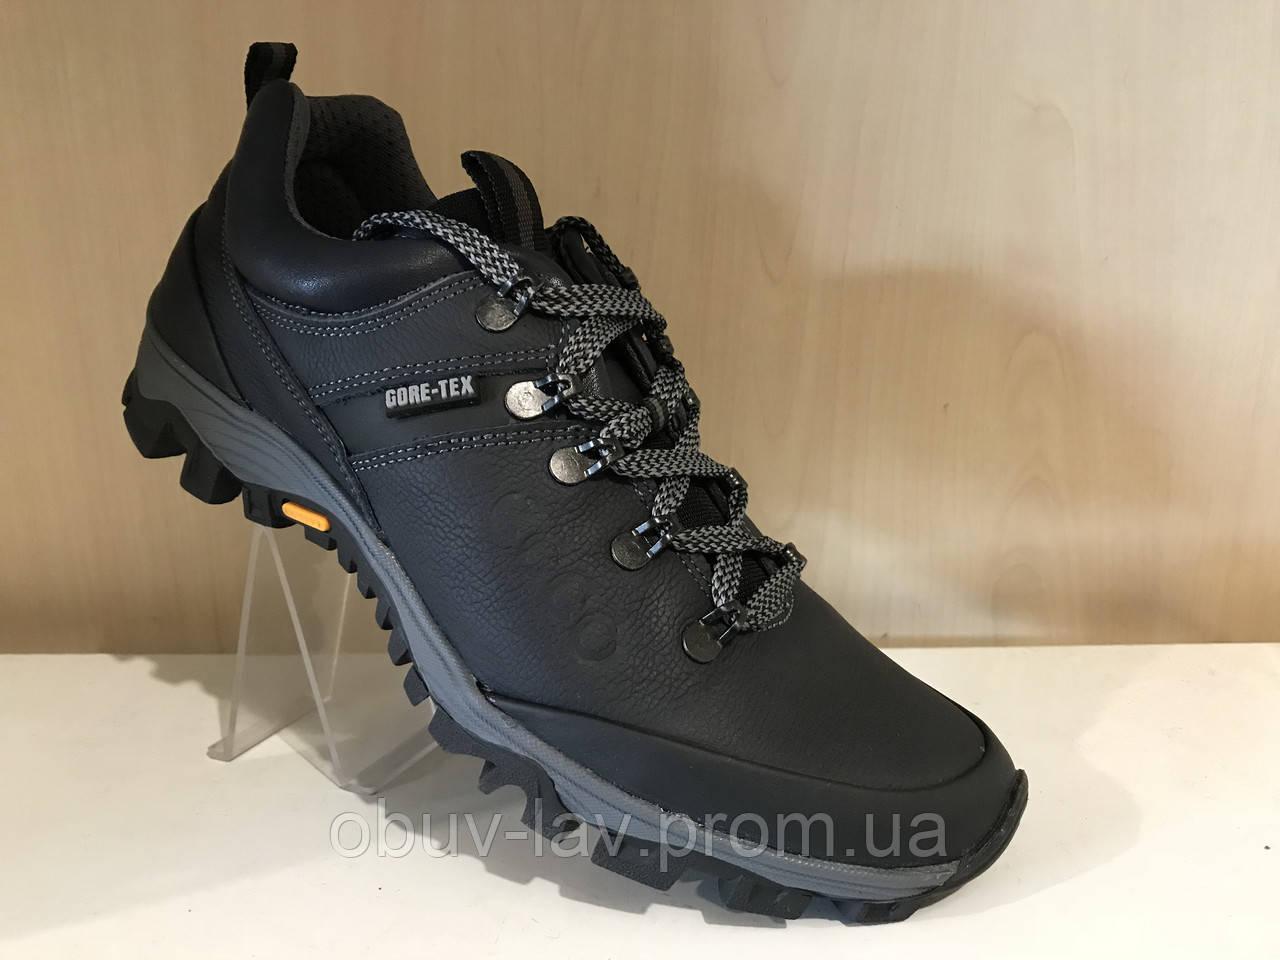 7fa27baa Кожаные мужские кроссовки ecco синие - Интернет-магазин спортивной обуви